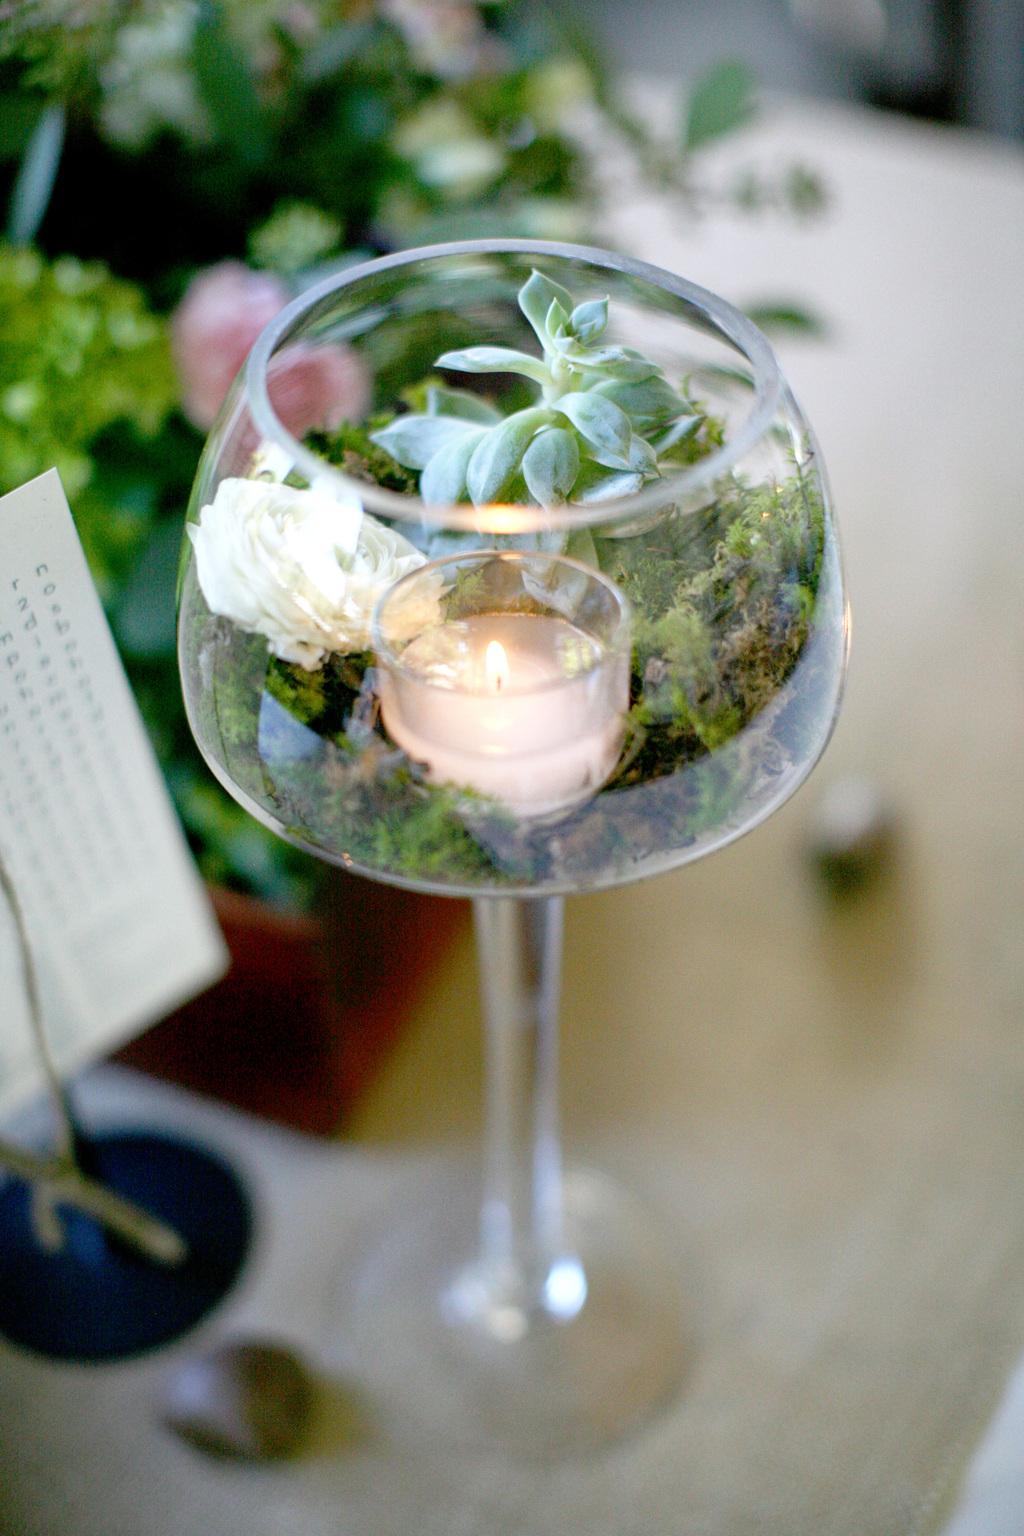 Unique-wedding-centerpiece-terrarium-in-a-wine-glass.full